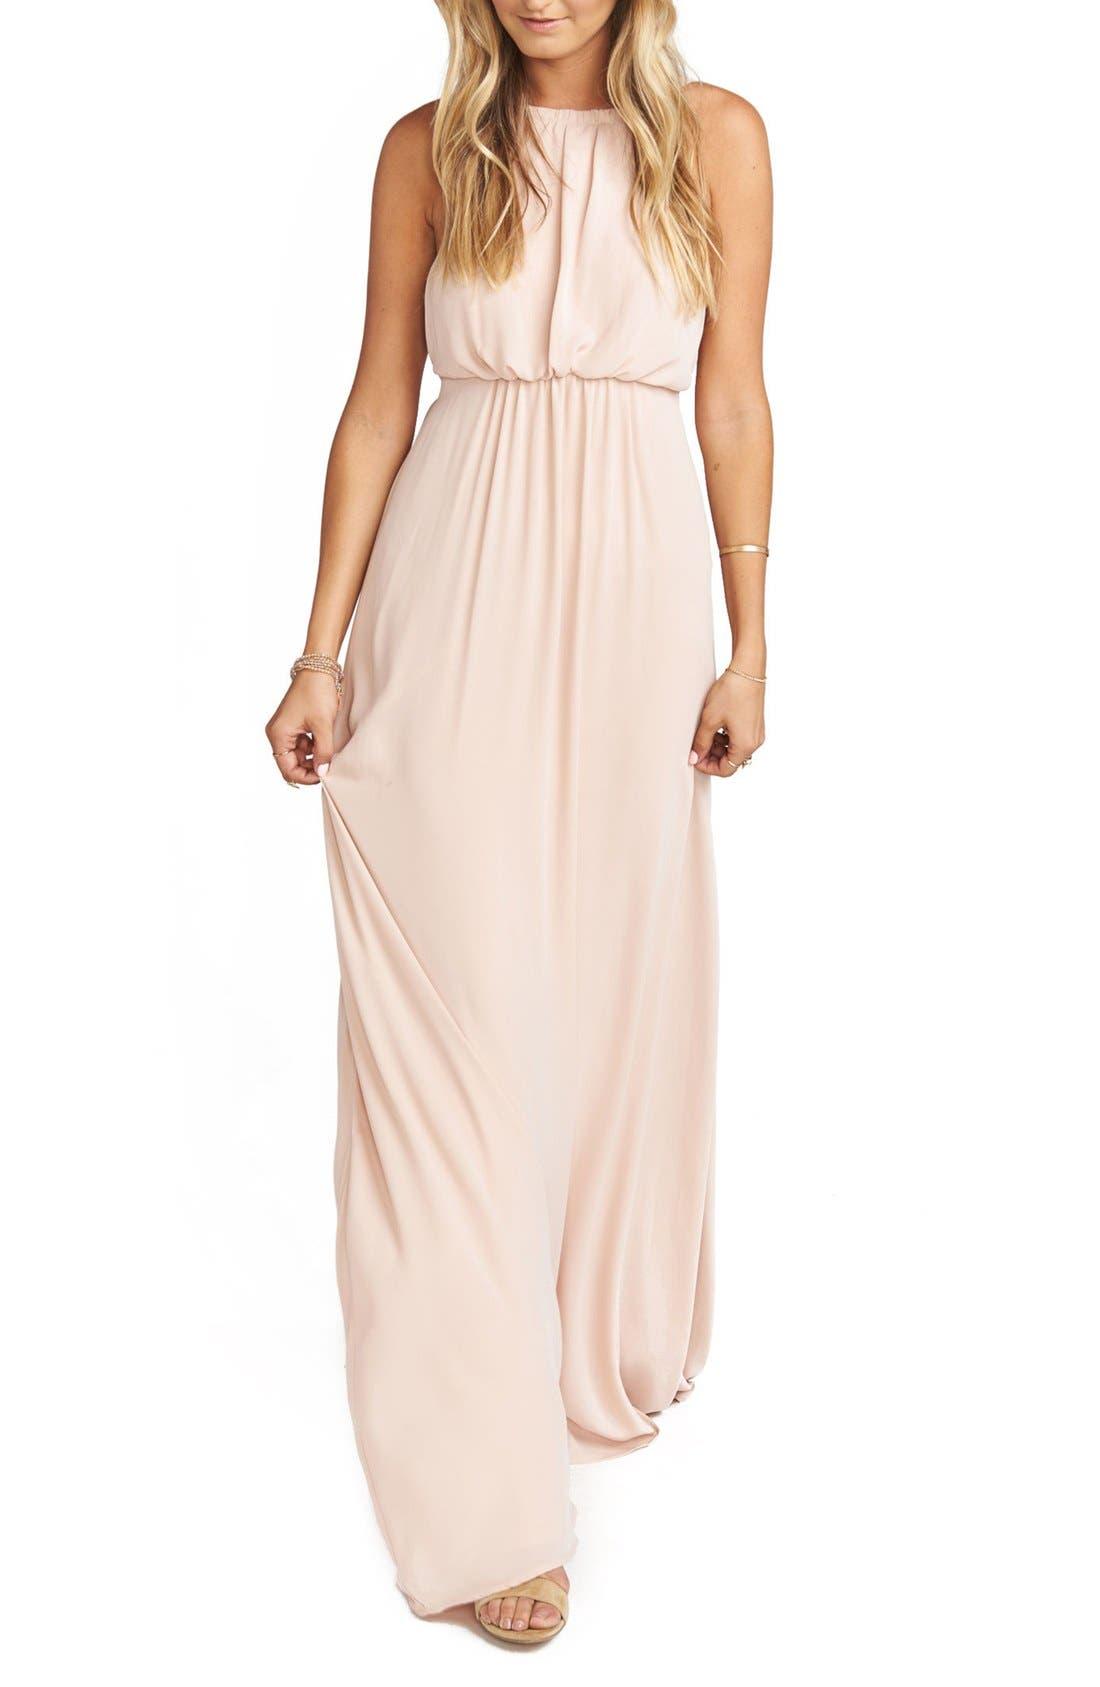 Amanda Open Back Blouson Gown,                             Main thumbnail 1, color,                             Dusty Blush Crisp